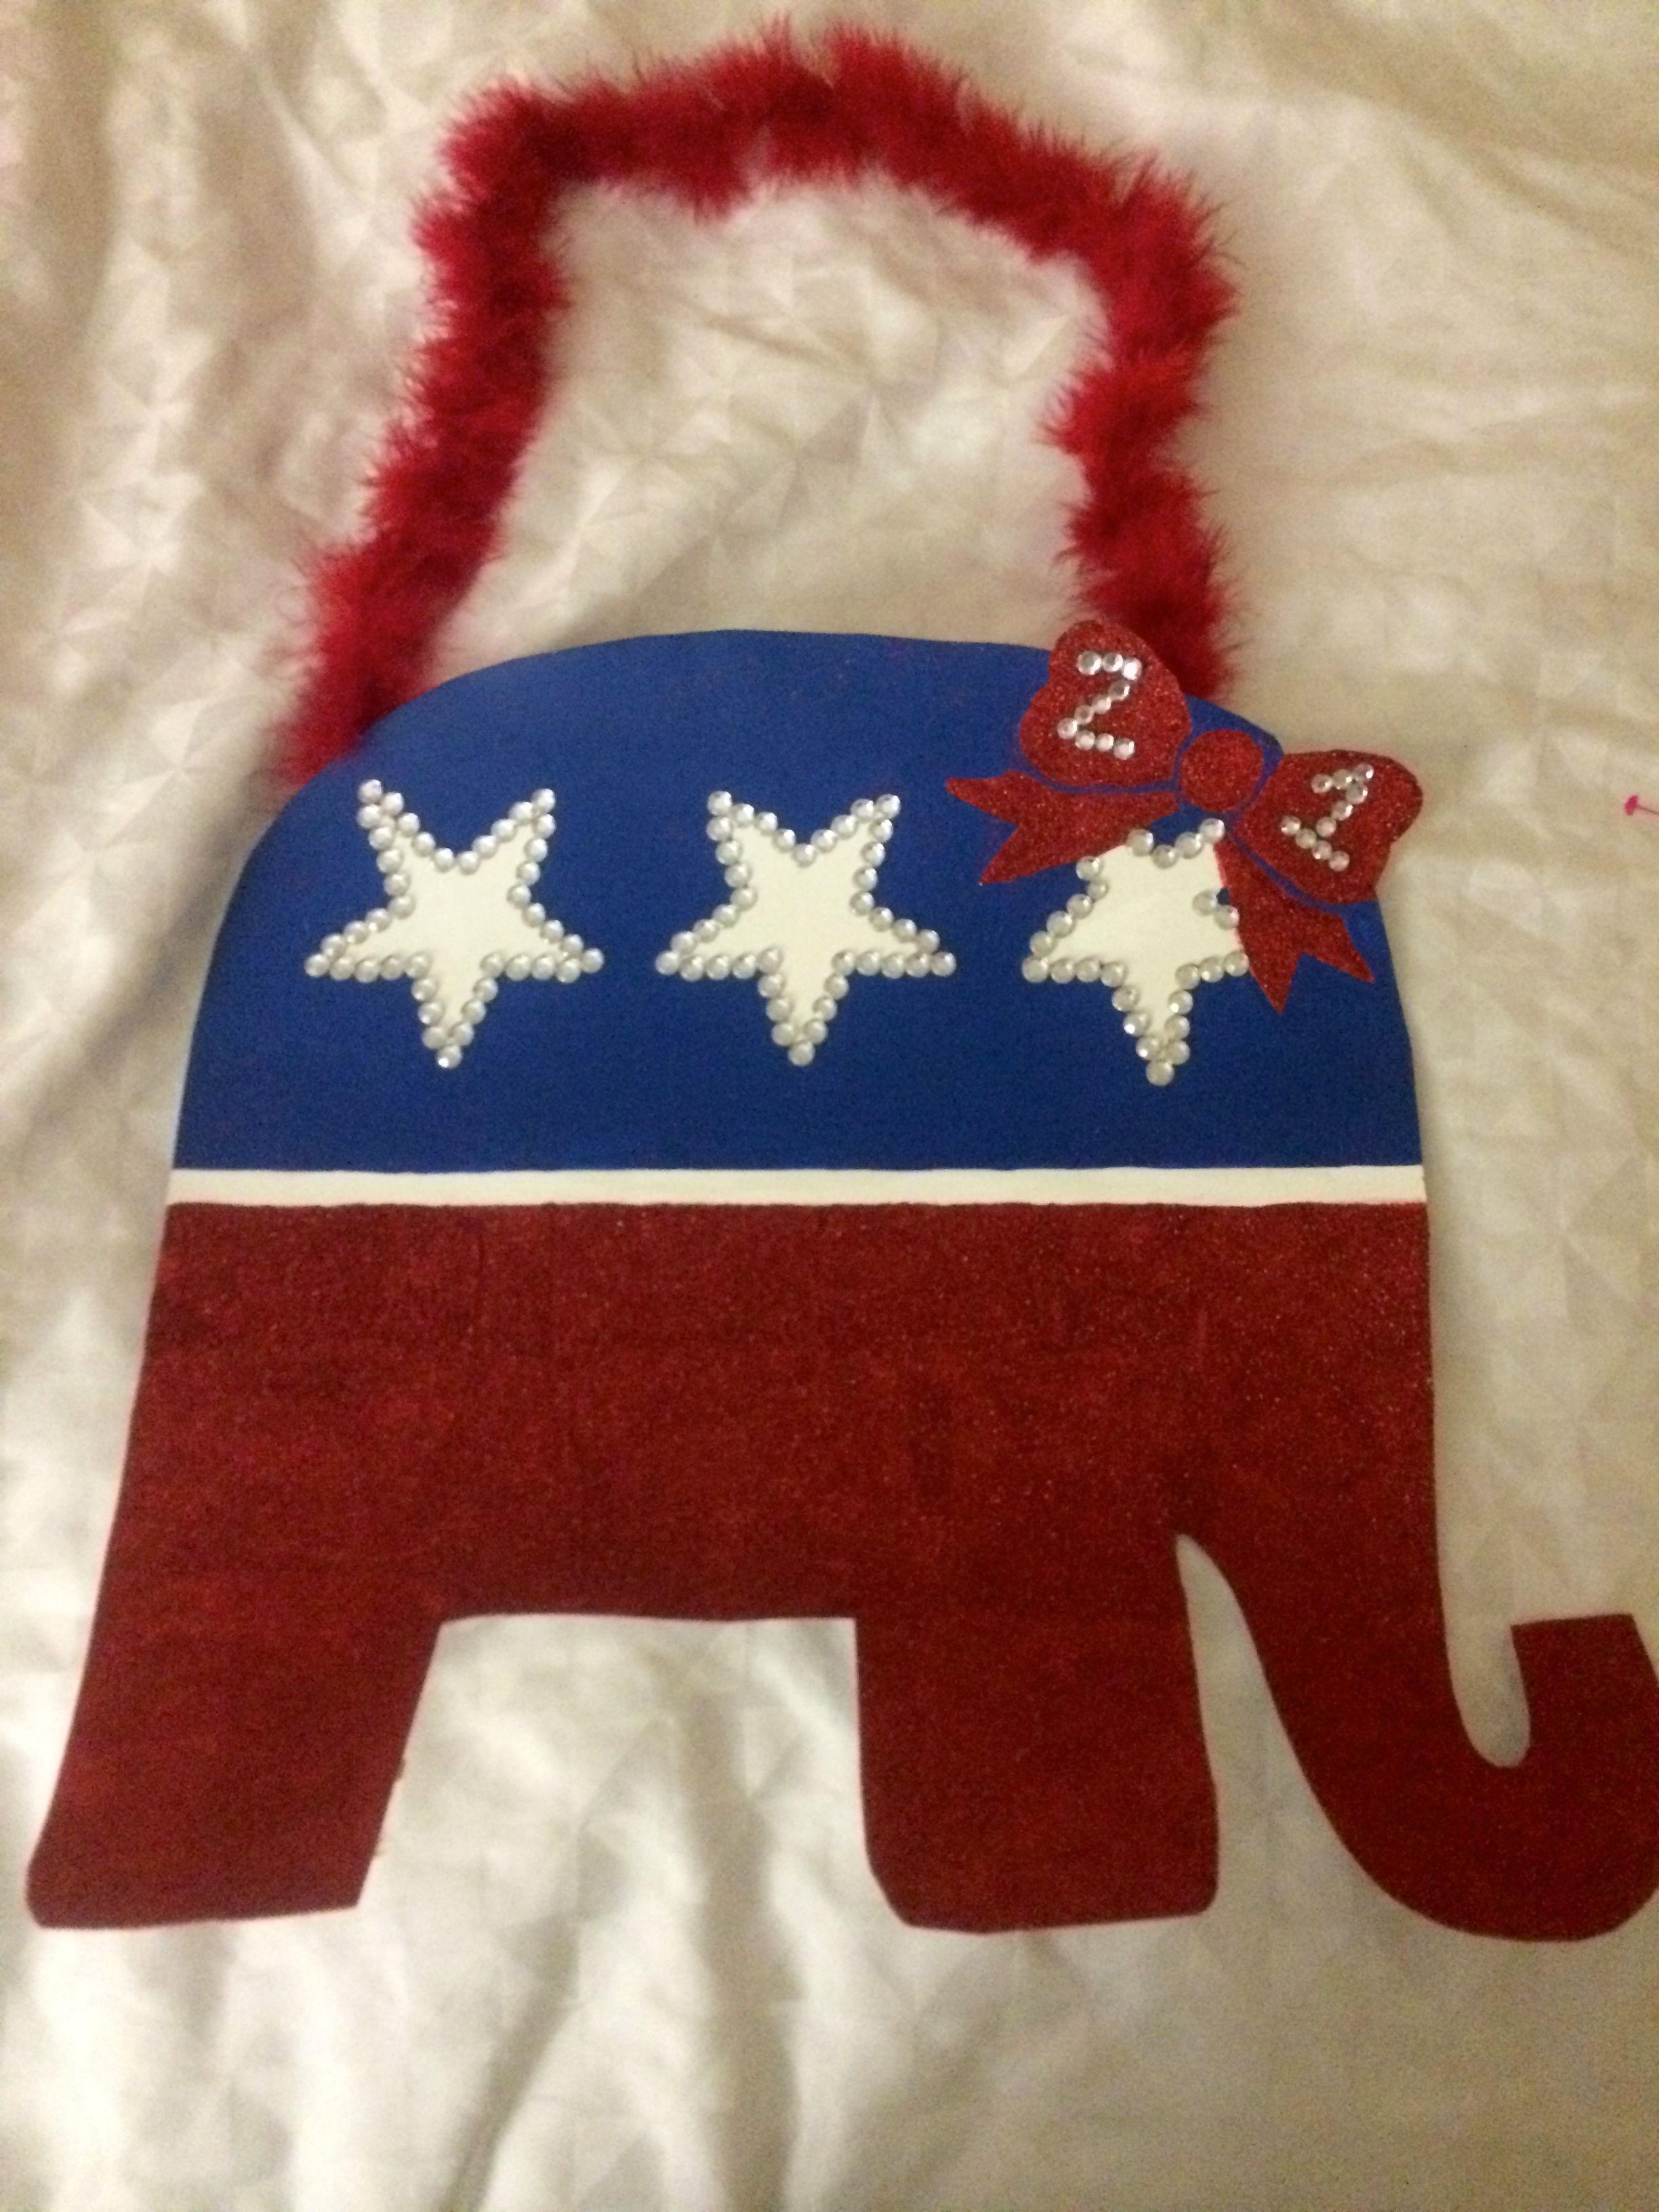 21st birthday sign american  republican   america twenty-first elephant checklist #21stbirthdaysigns